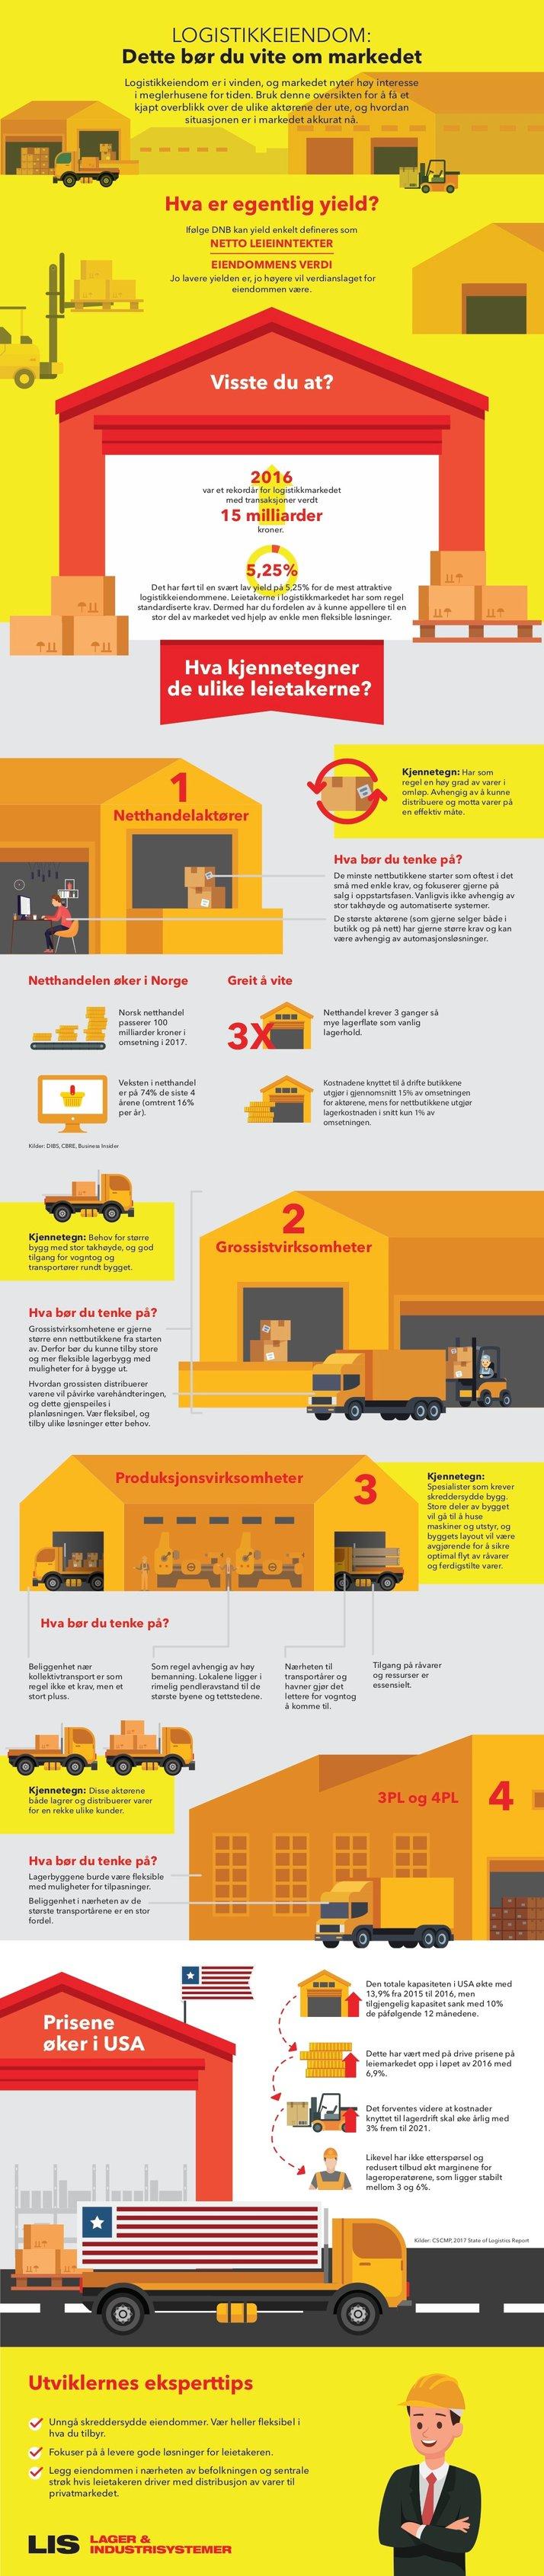 Schafer Infographic - V3 jpg blogg.jpg